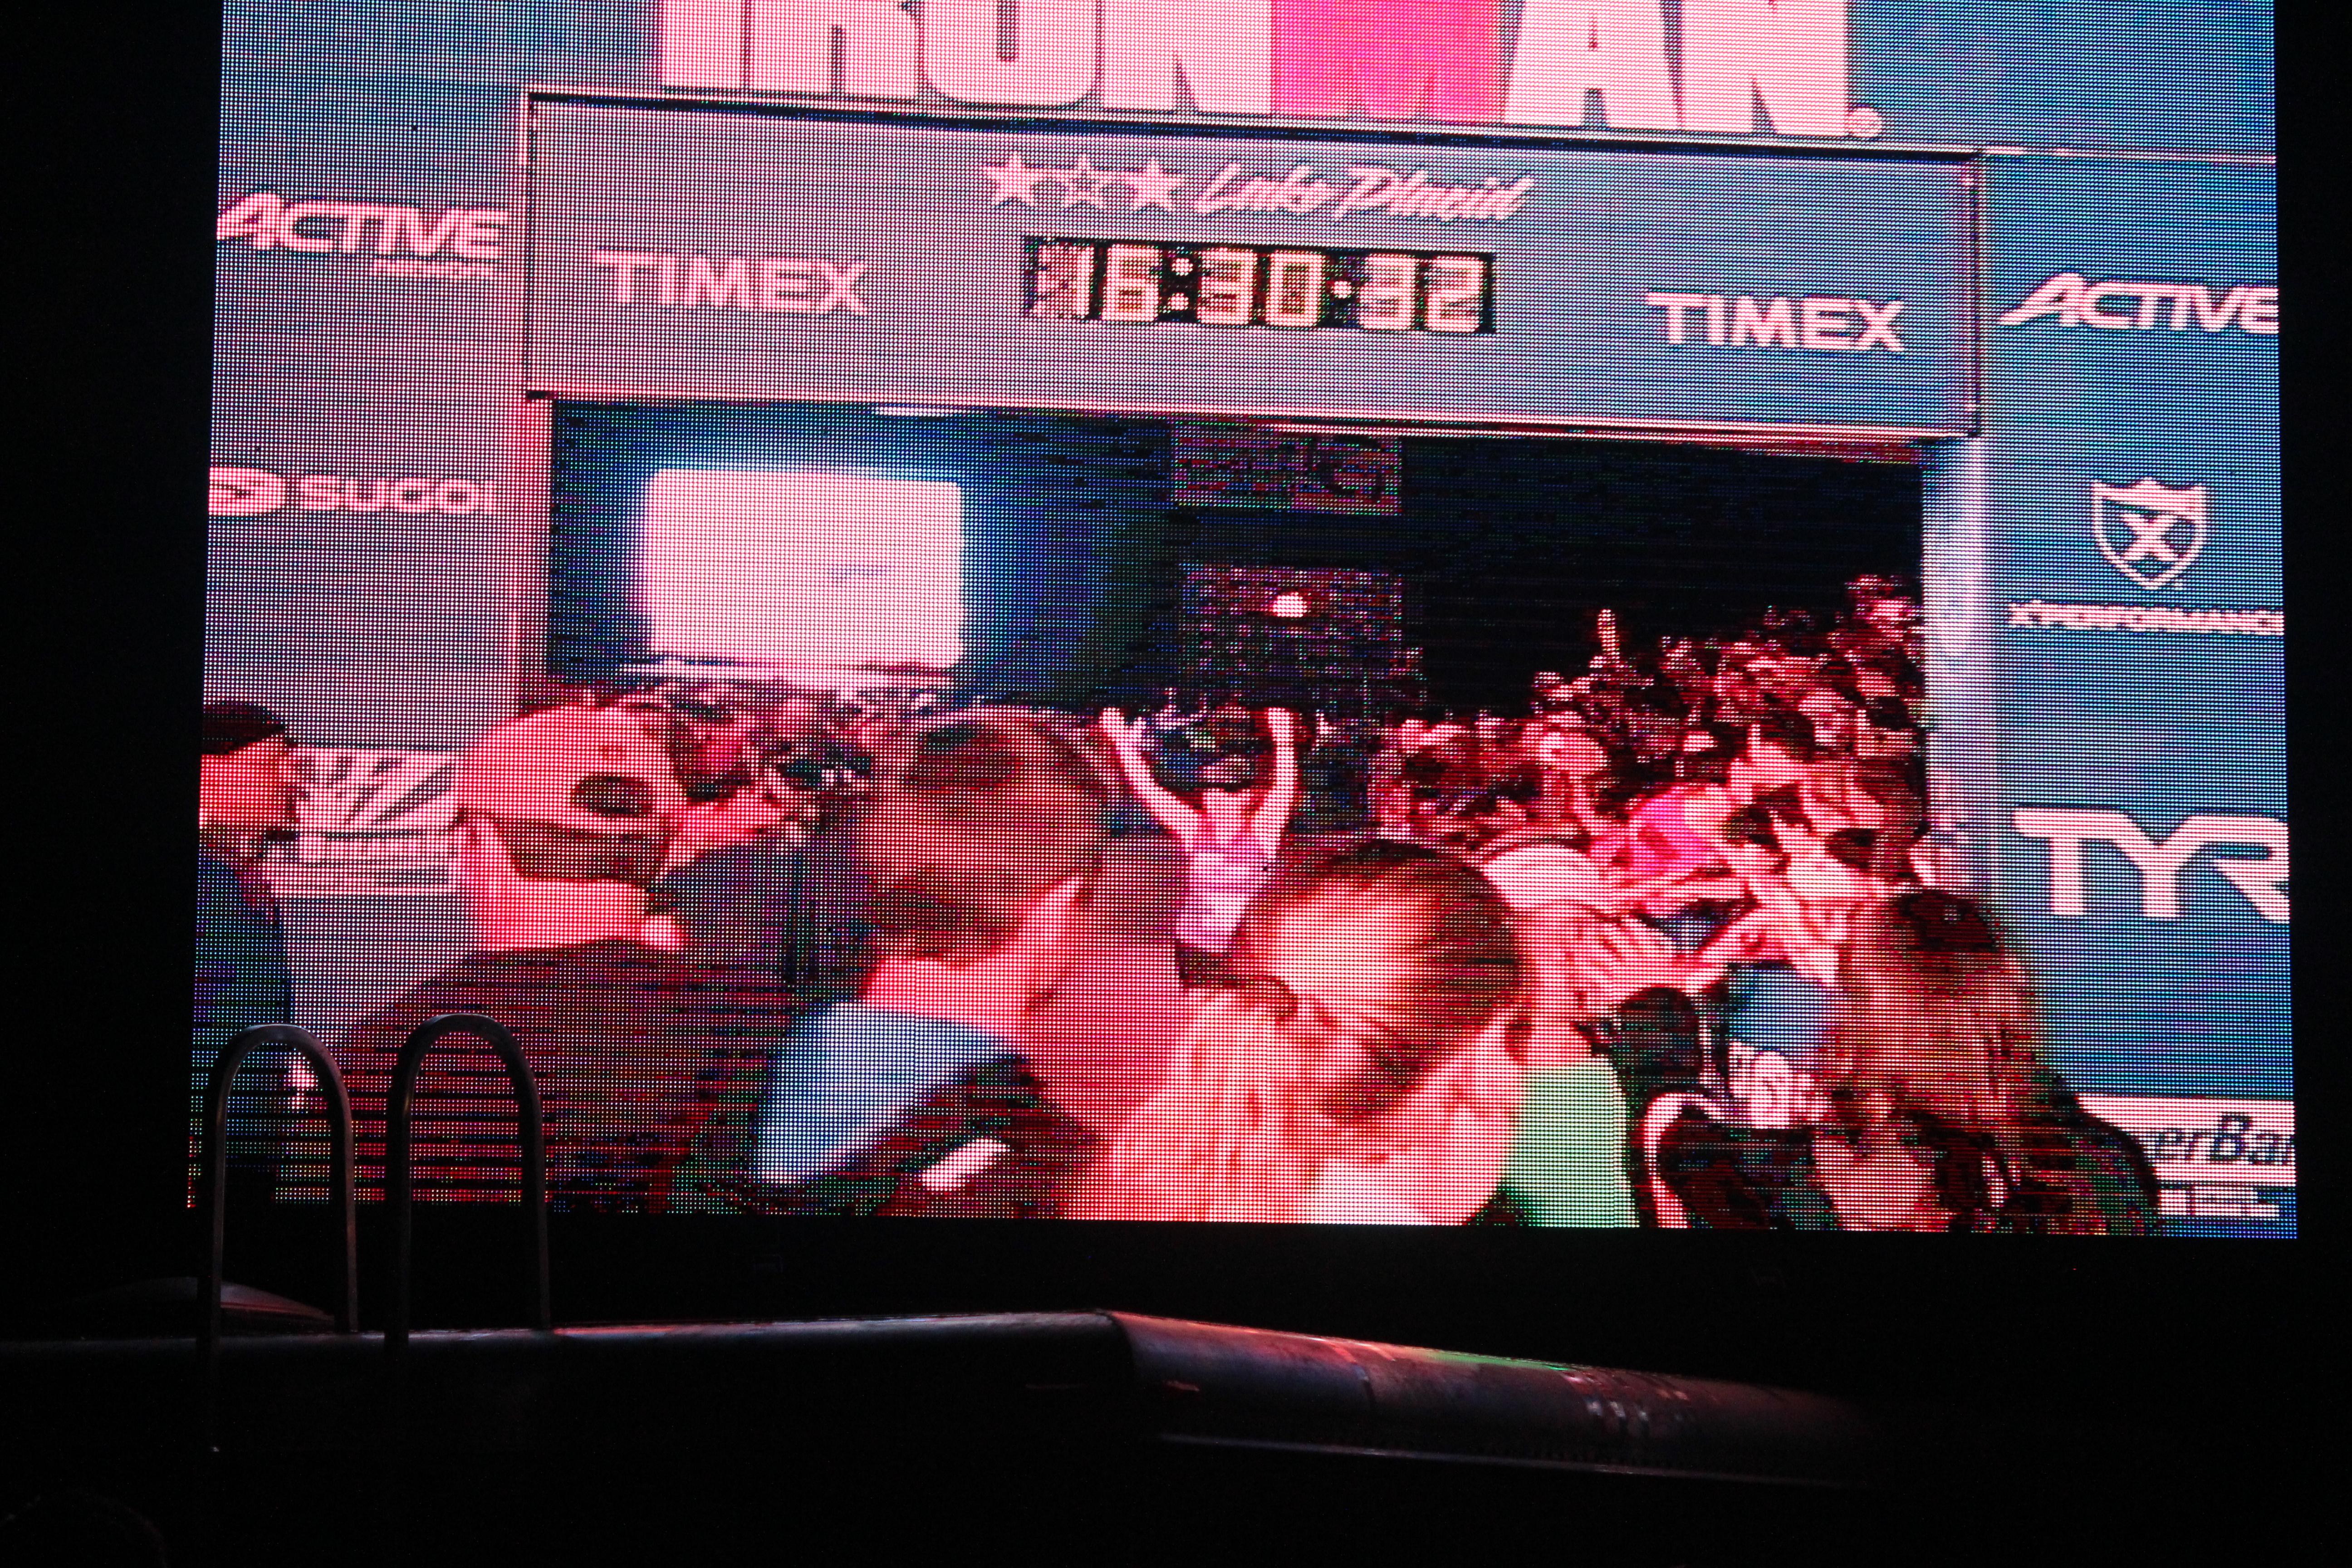 On the big screen. No big deal.